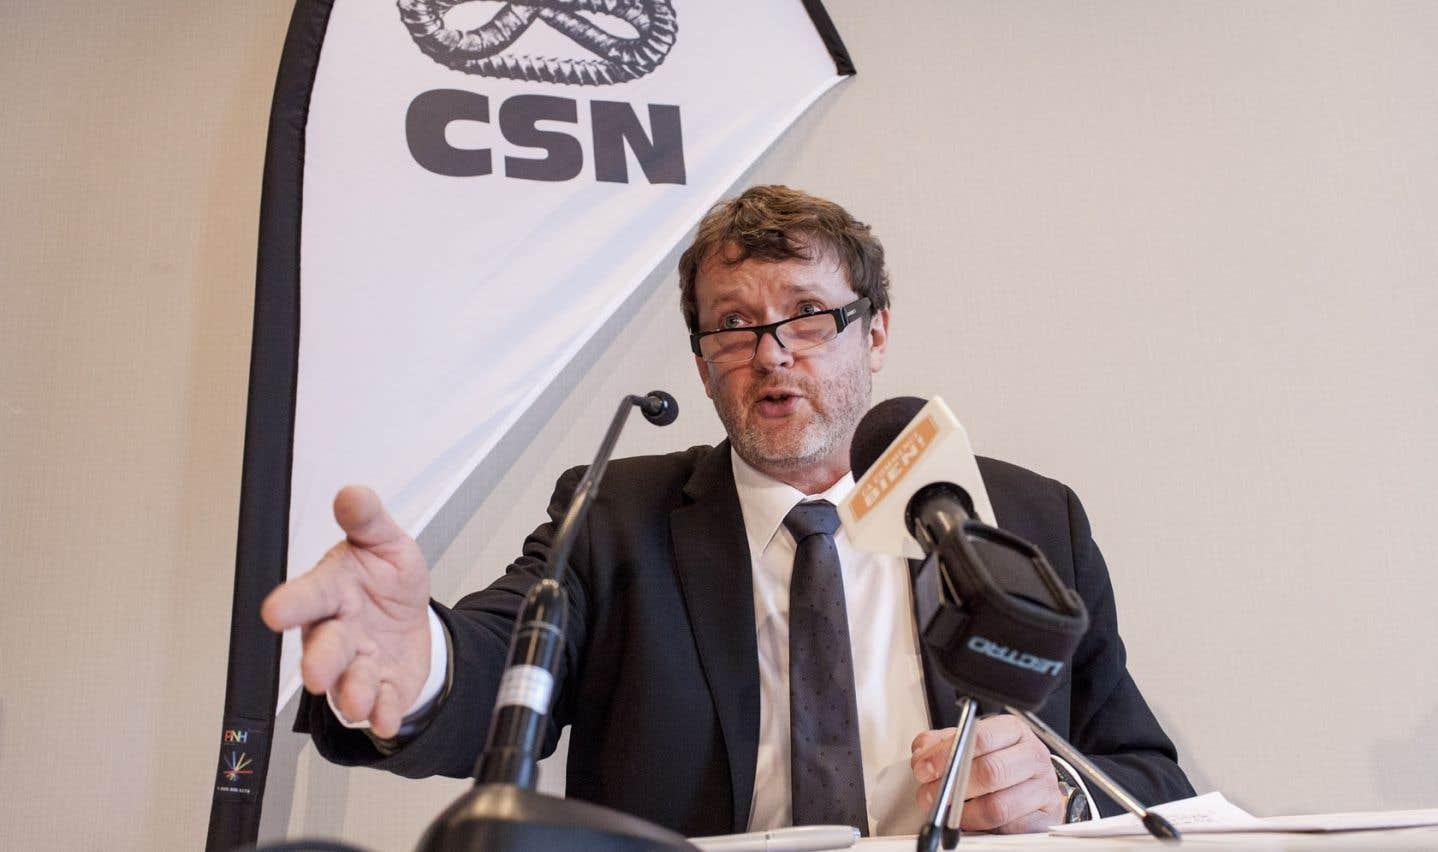 Jacques Létourneau a été élu au poste de président de la CSN en octobre 2012.